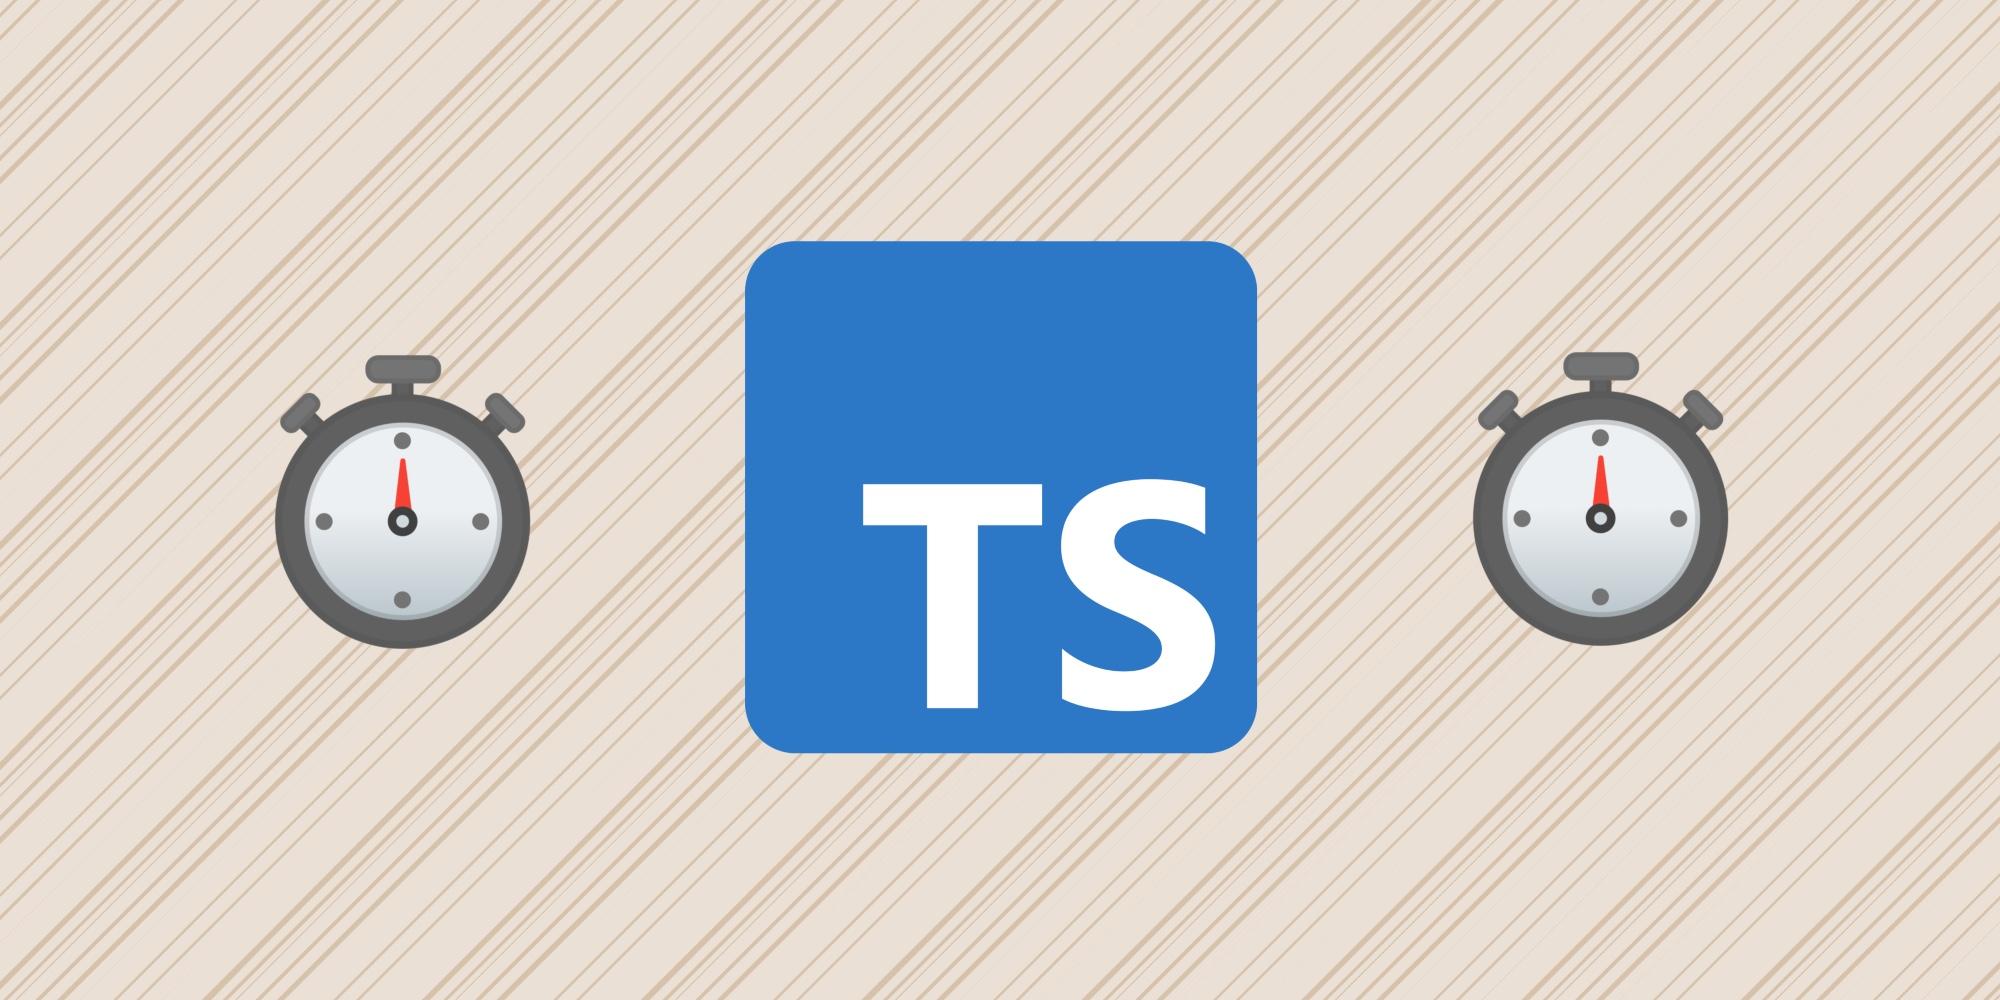 ☕ Самоучитель для начинающих: как освоить TypeScript с нуля за 30 минут?